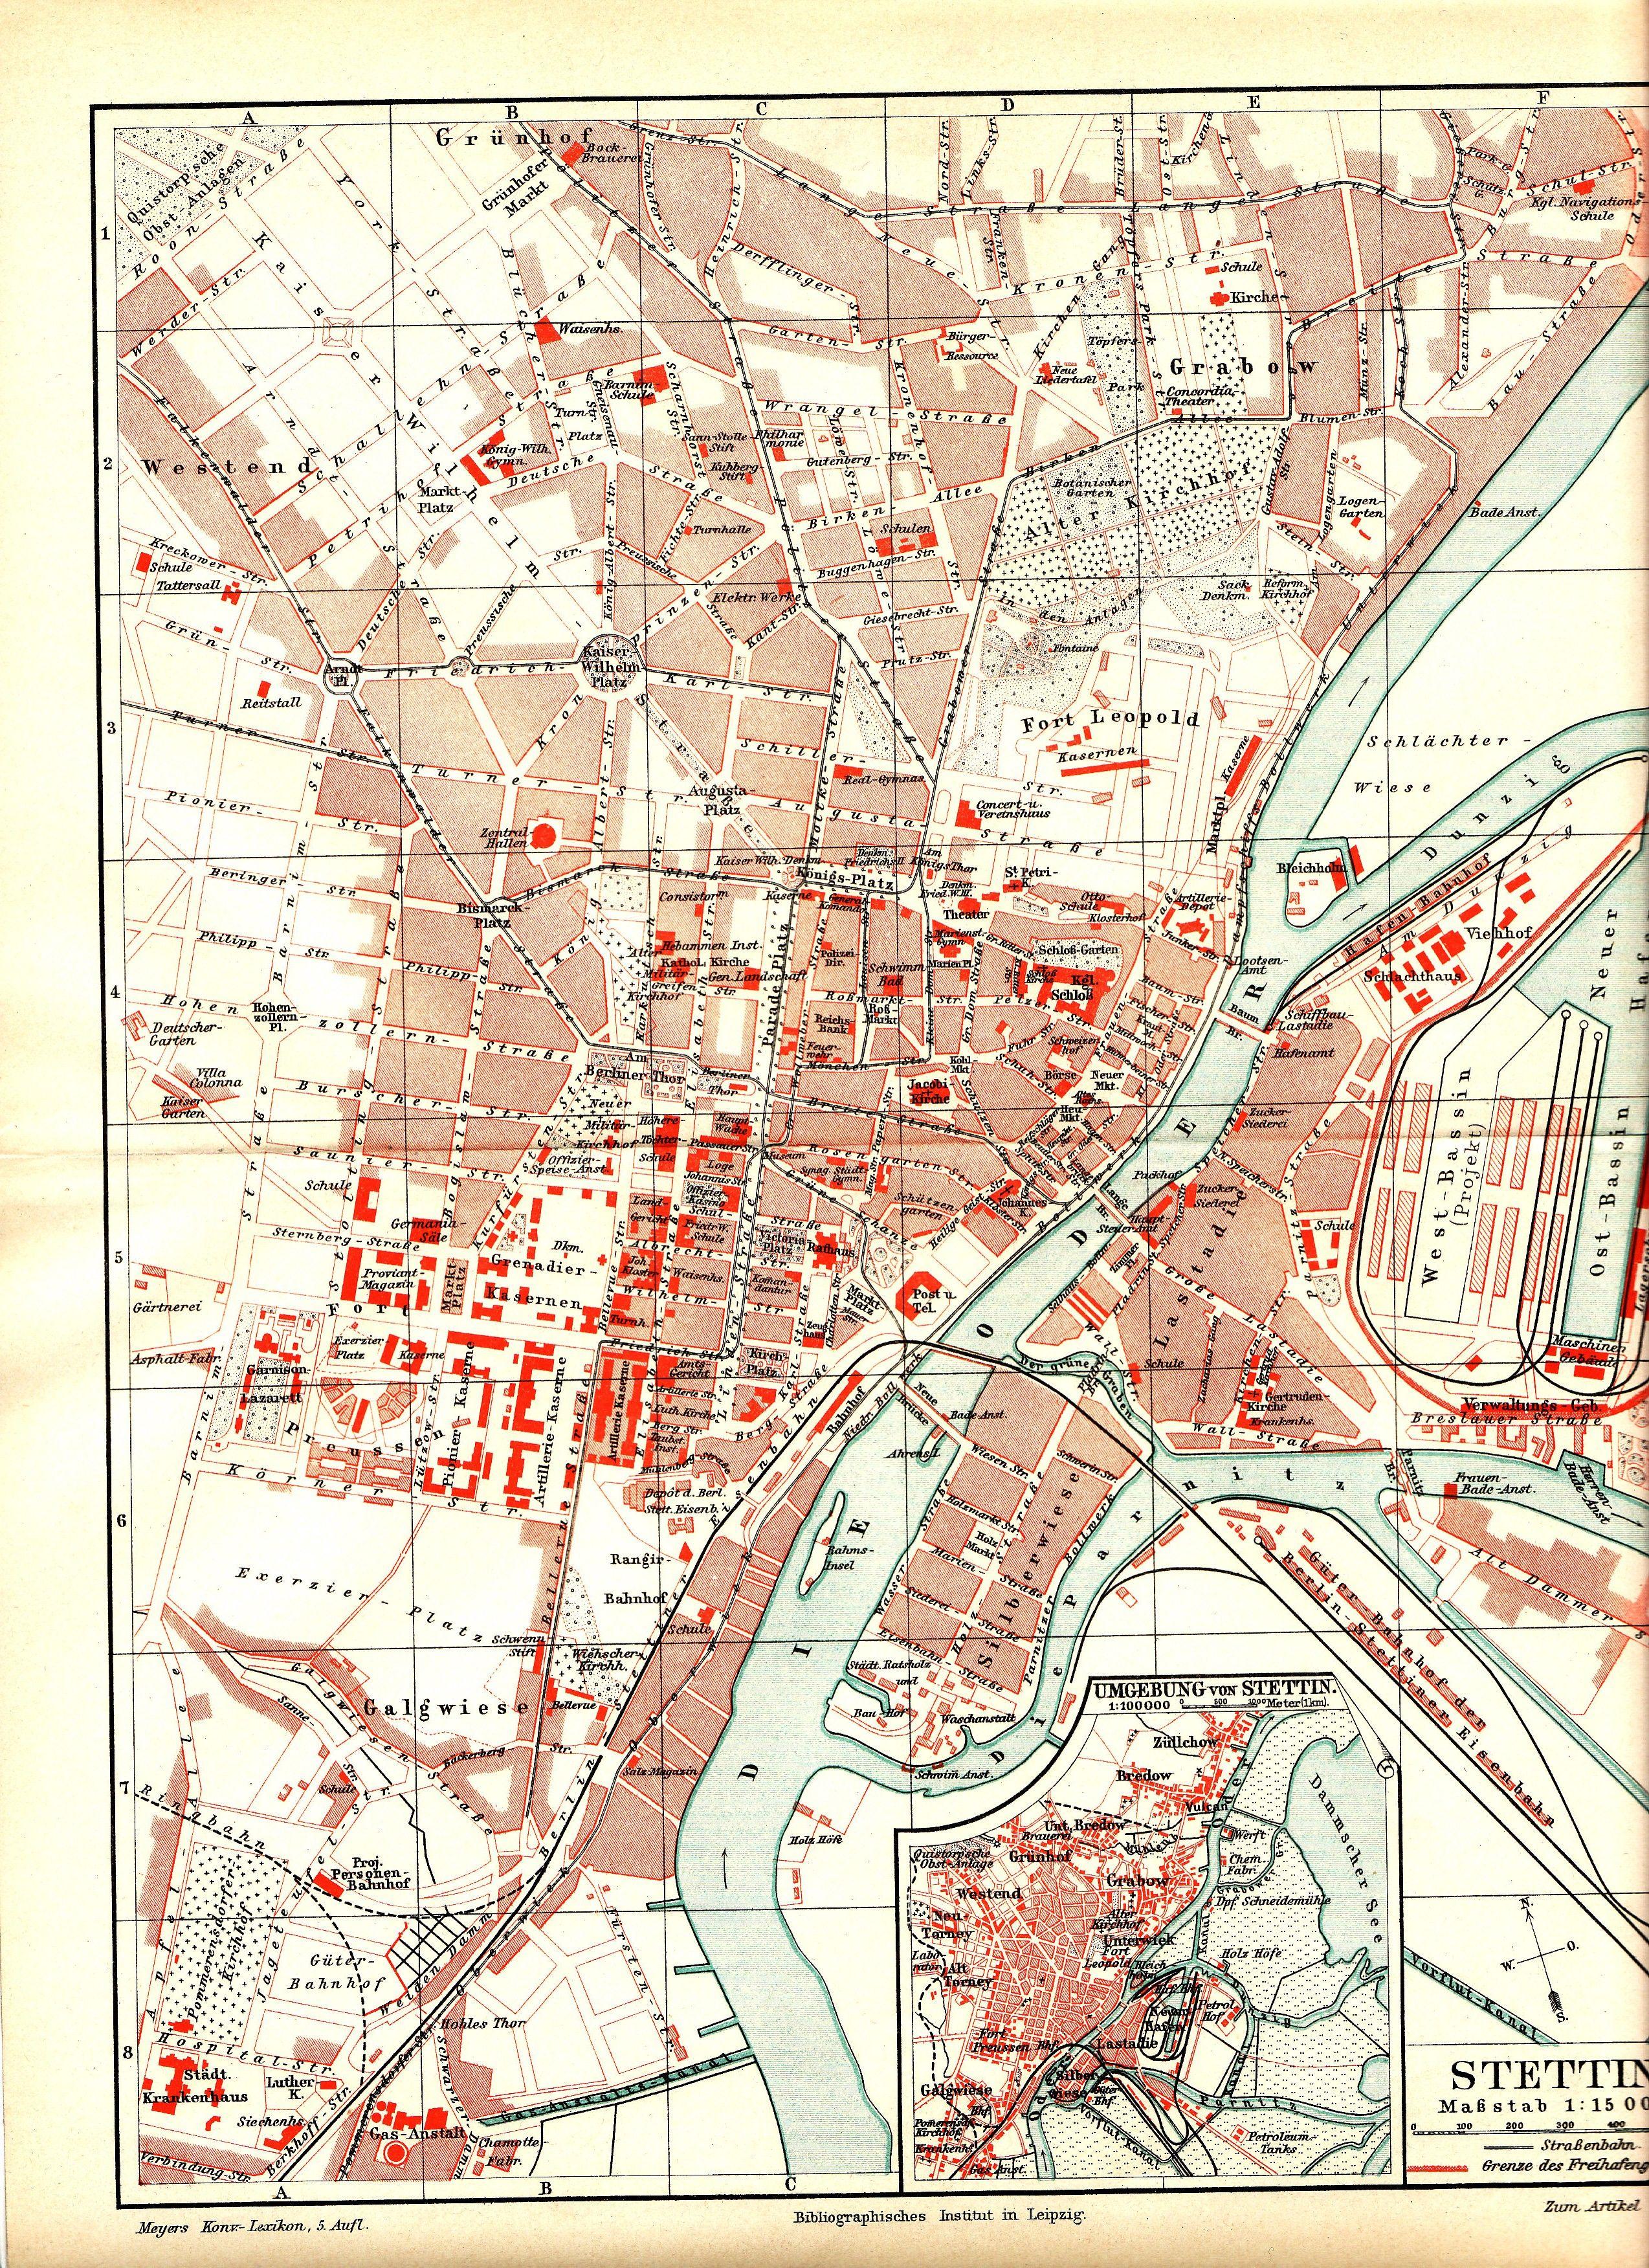 Stadtplan Stettin 1897 Stettin Alte Landkarten Landkarte